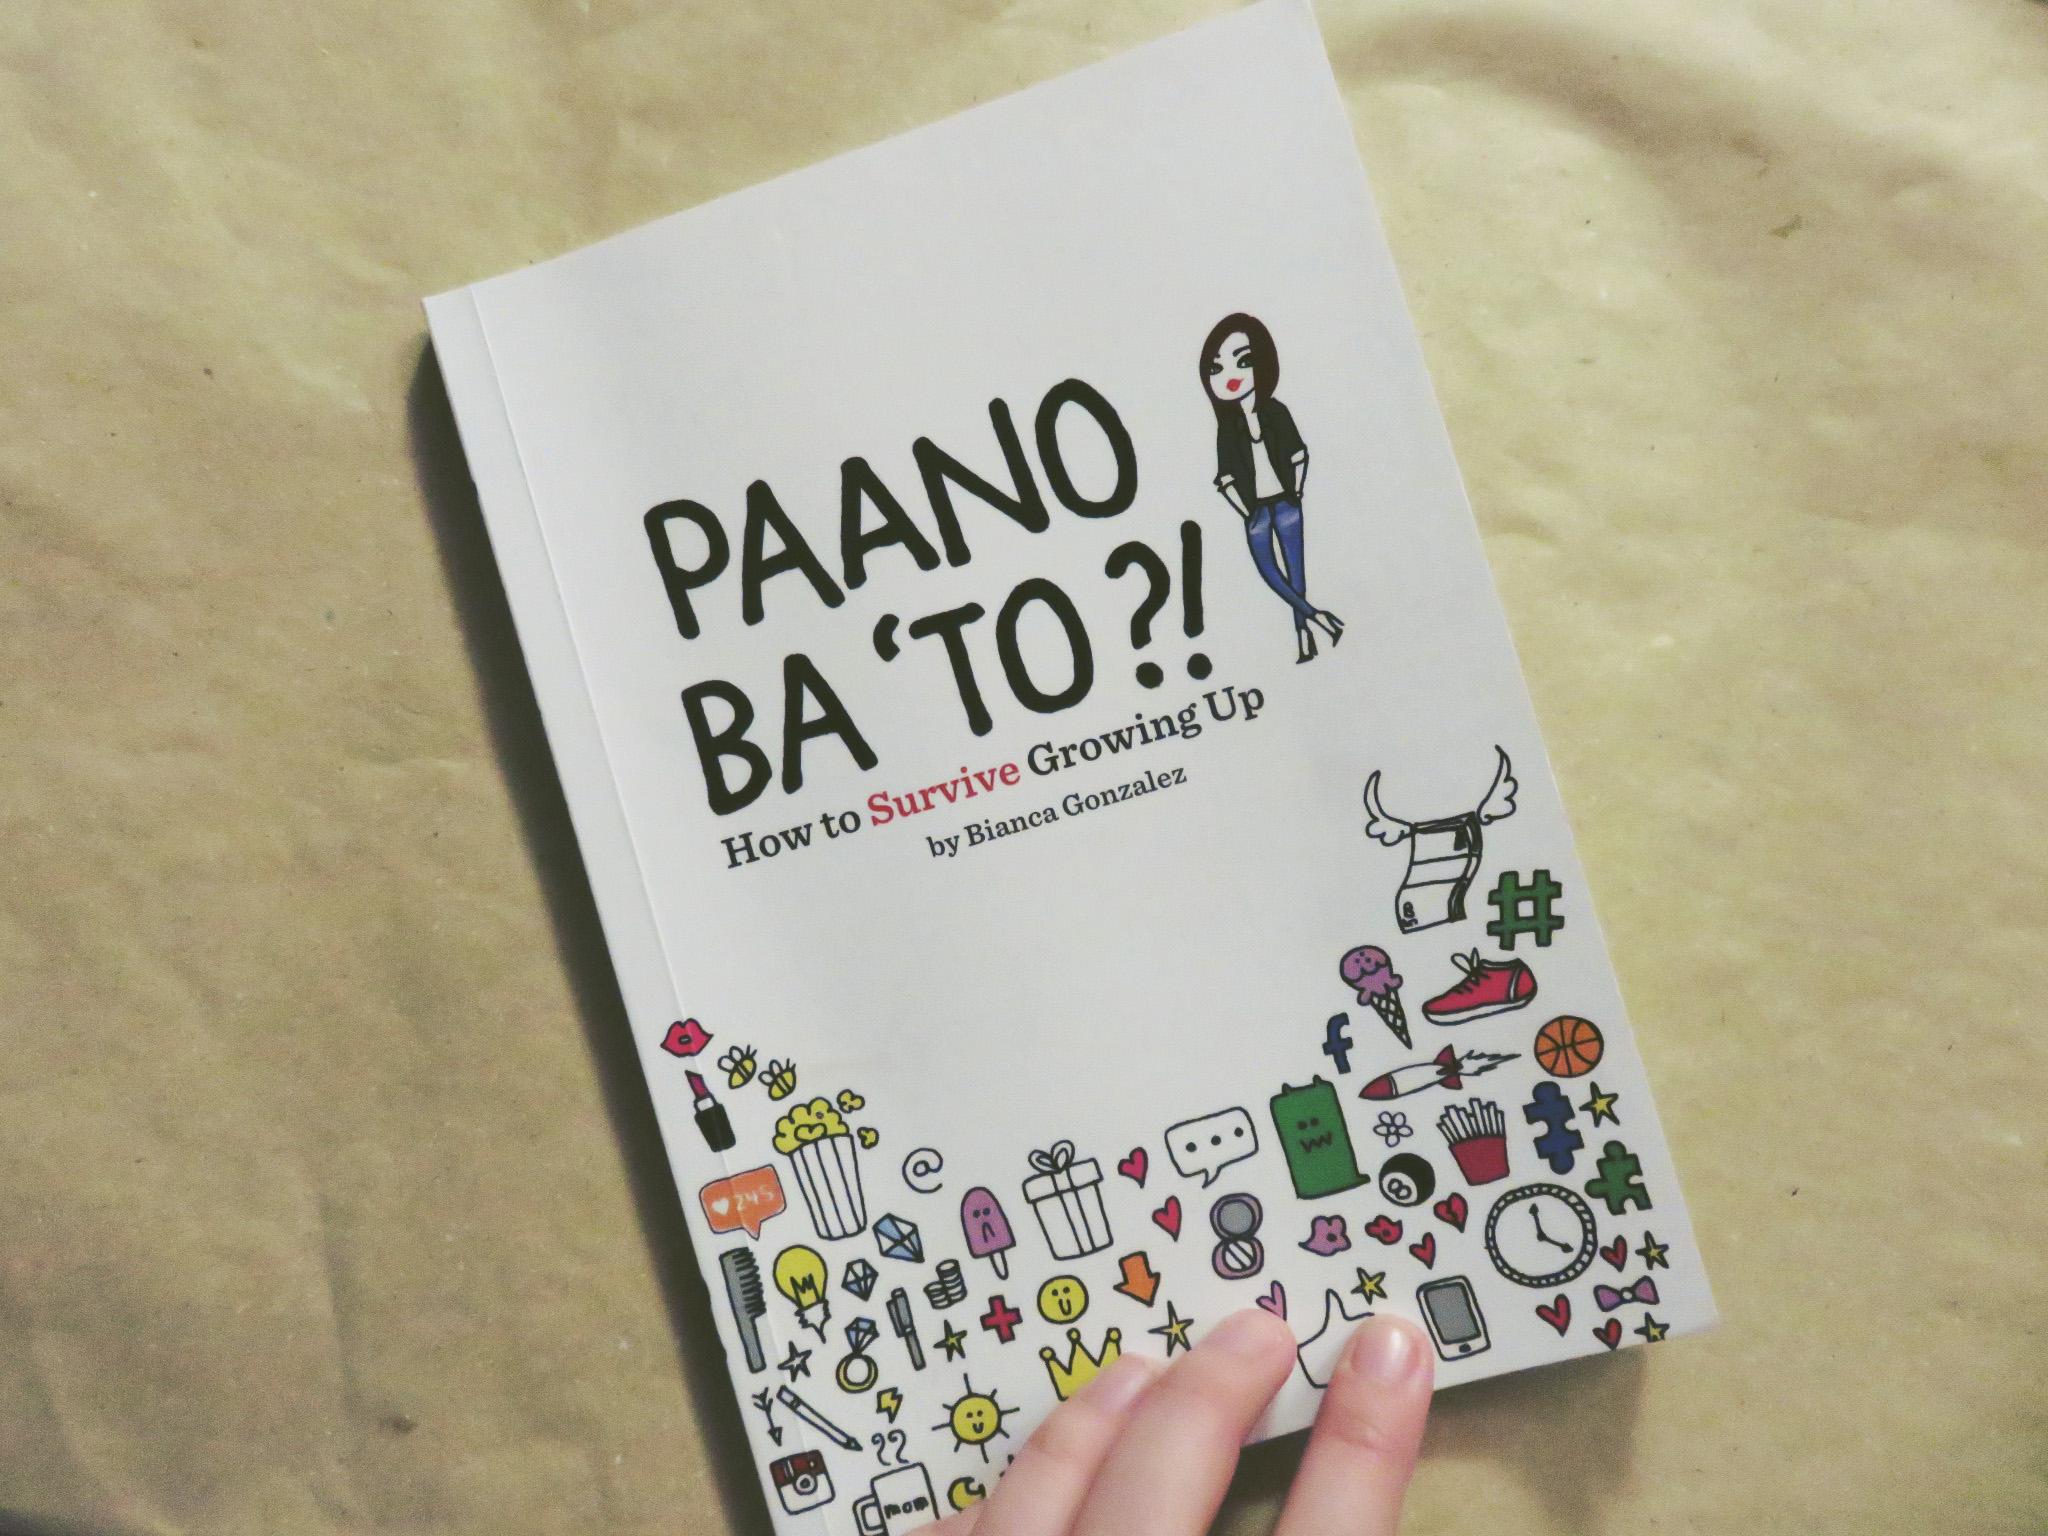 Paano Ba To 1